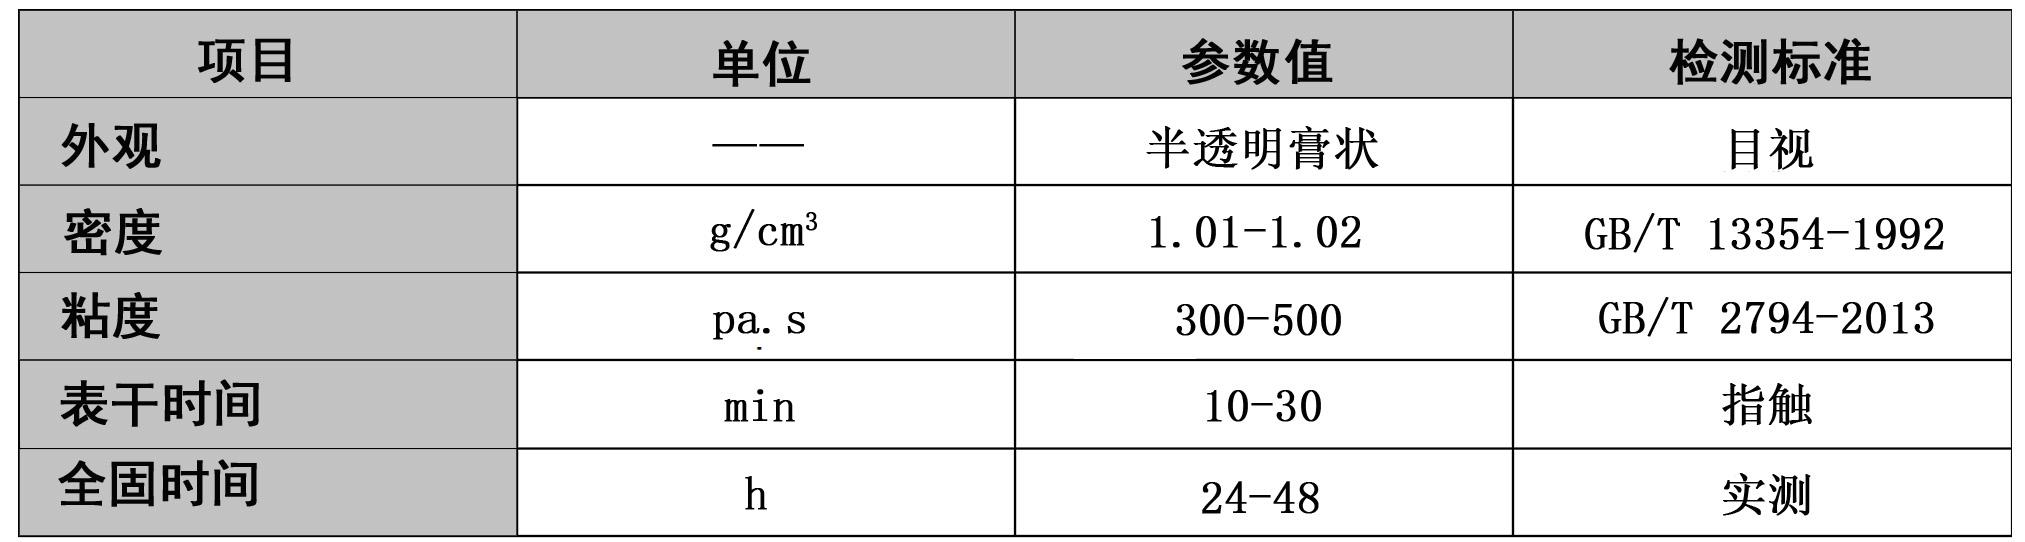 耐高温铝合金专用胶水-688